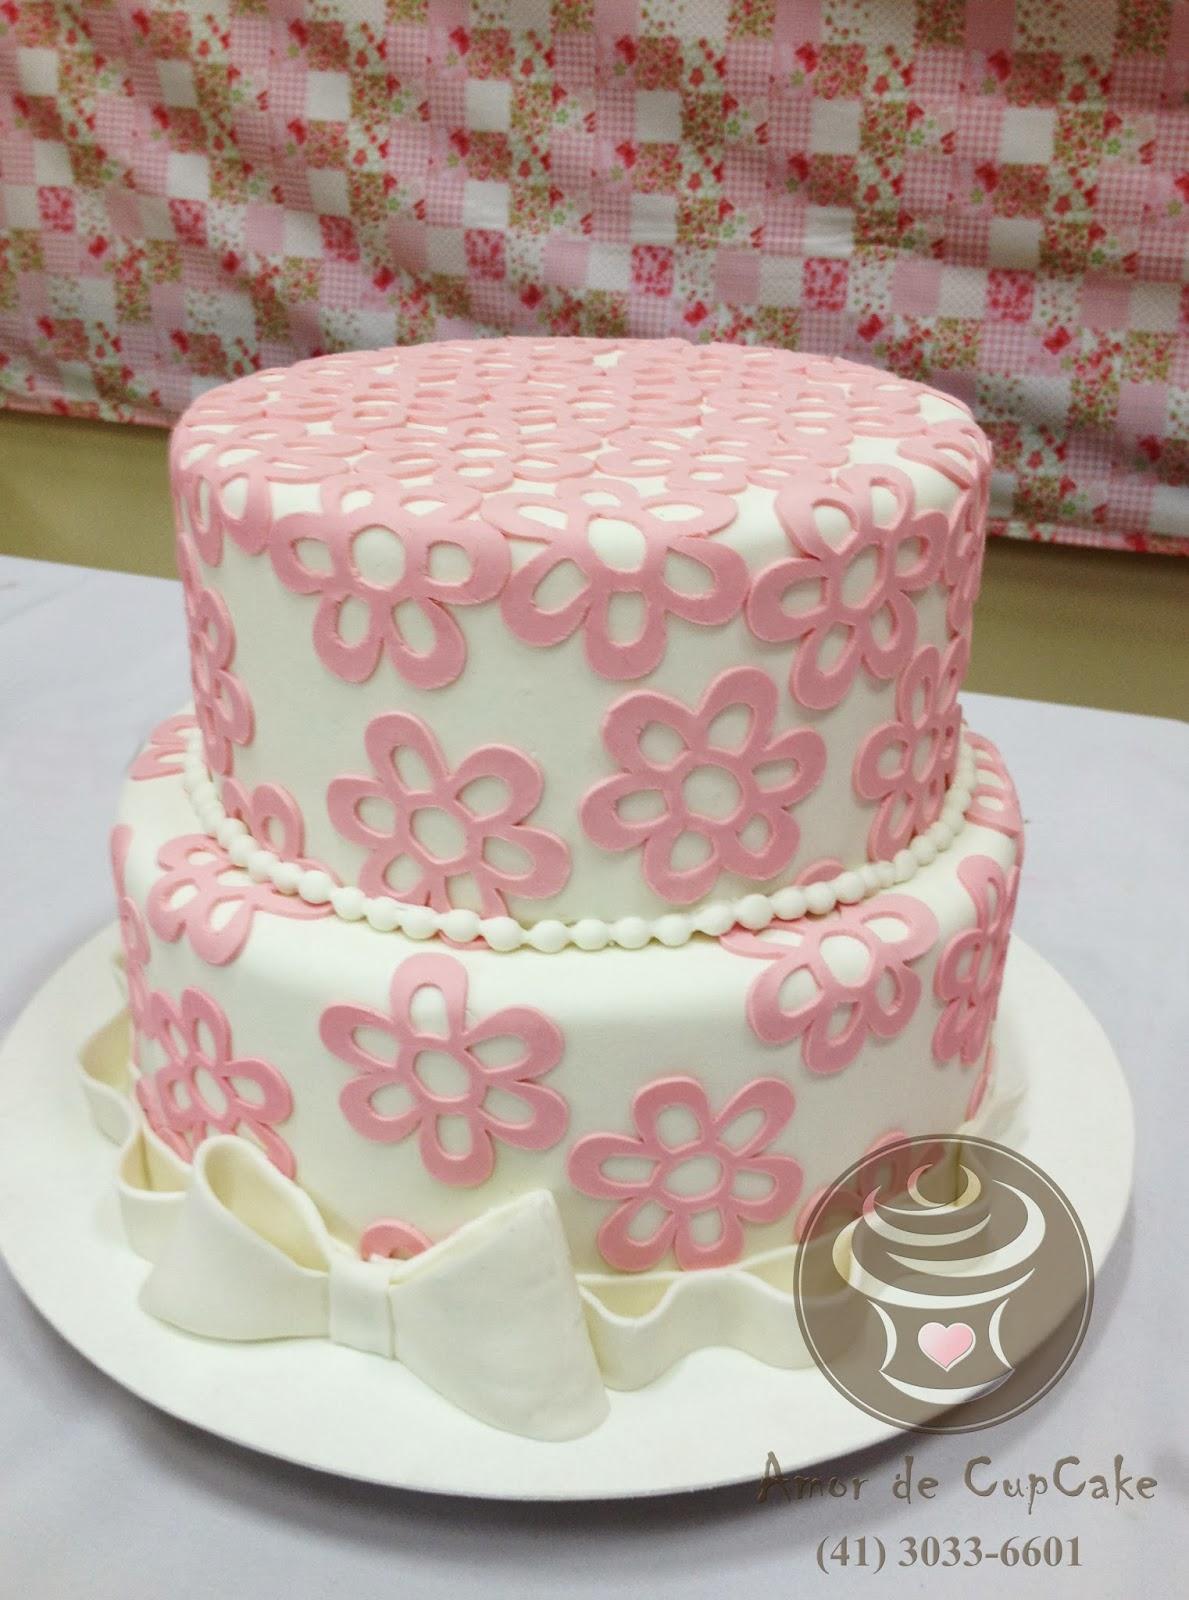 Lingerie Birthday Cake